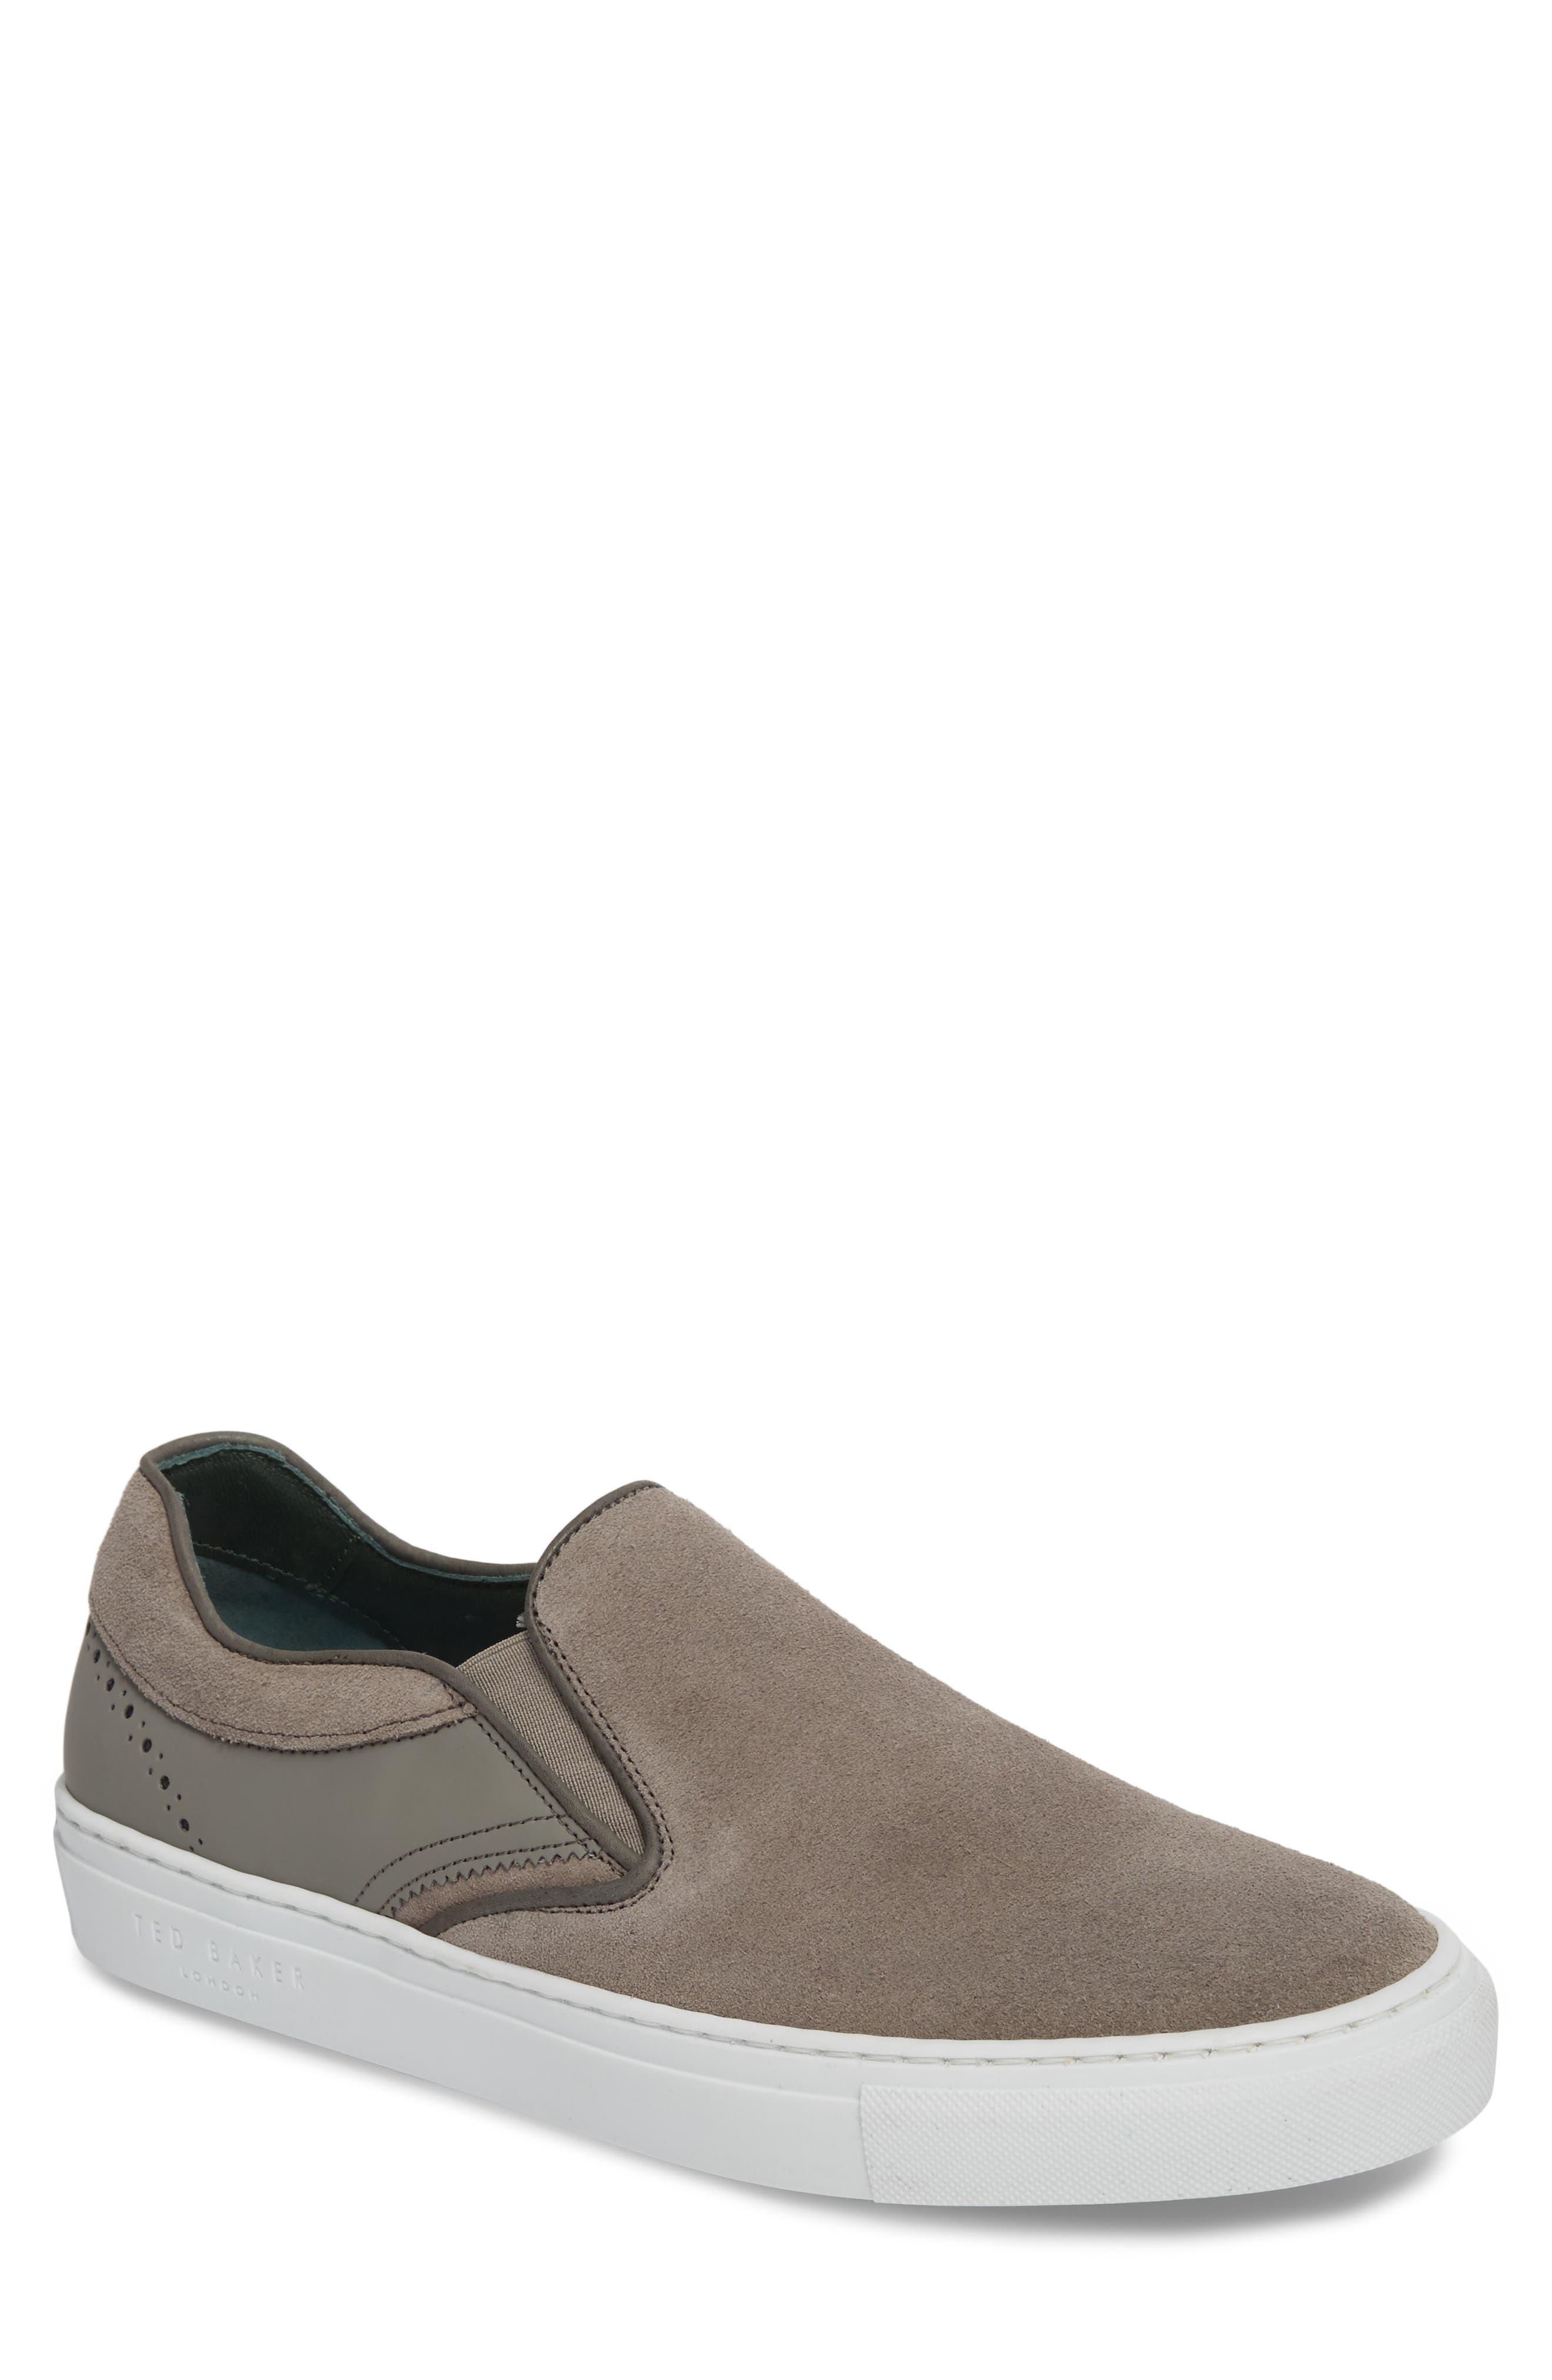 Ted Baker Men's Reaine Brogued Slip-On Sneaker